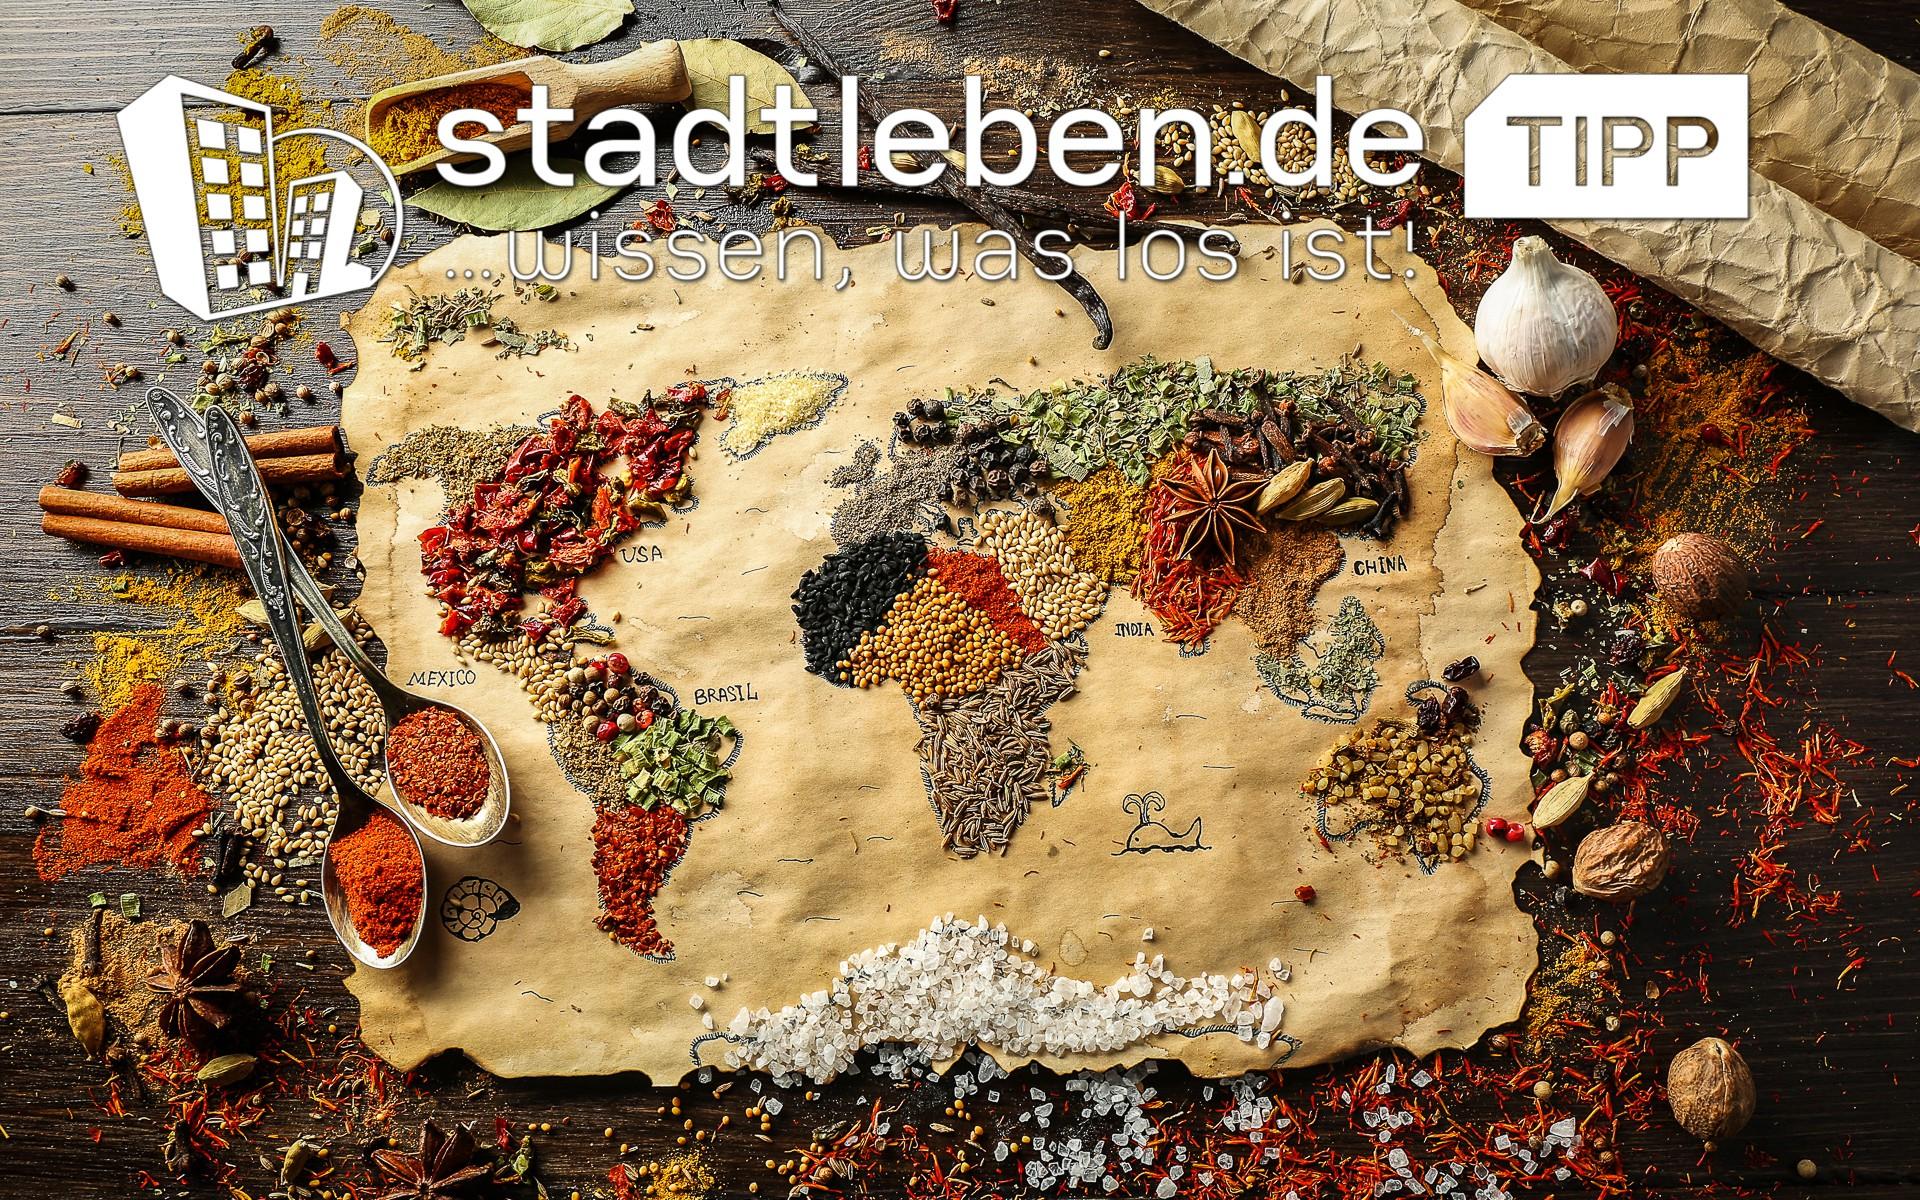 Gewürze, Knoblauch, Zwiebel, Essen, Länder, Gerichte, Zutaten, Geschmack, Karte, Weltkarte, Welt